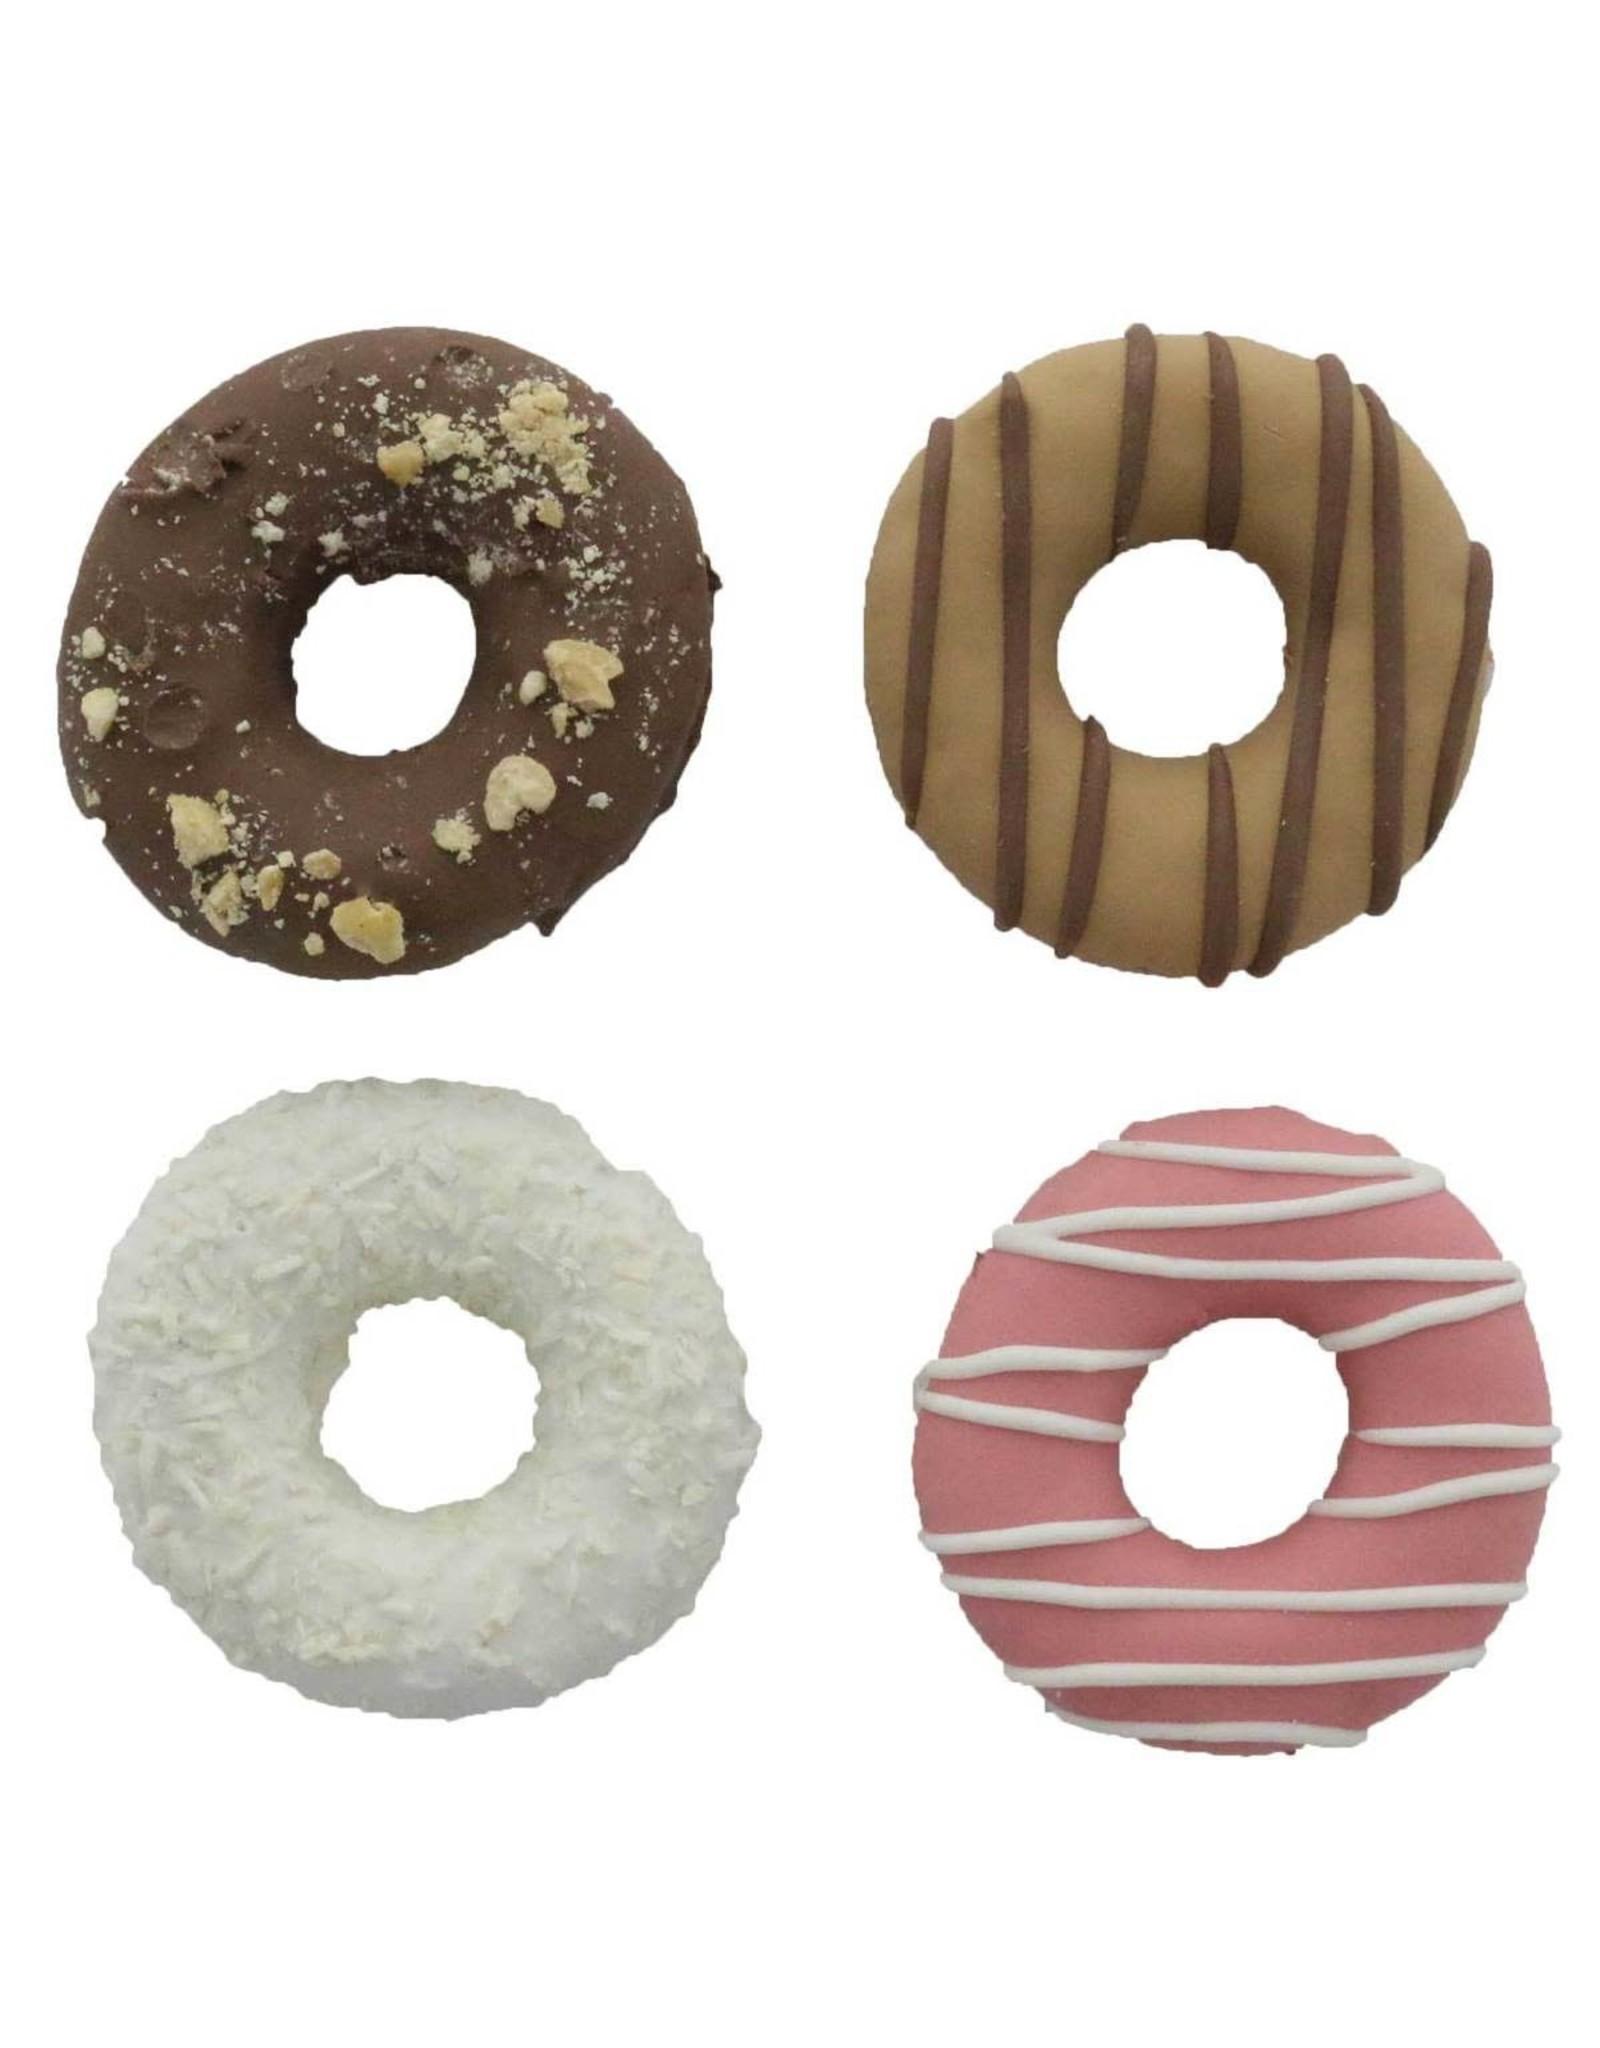 Bosco & Roxy's Bosco & Roxy's - Mini Donuts Woof it Down!